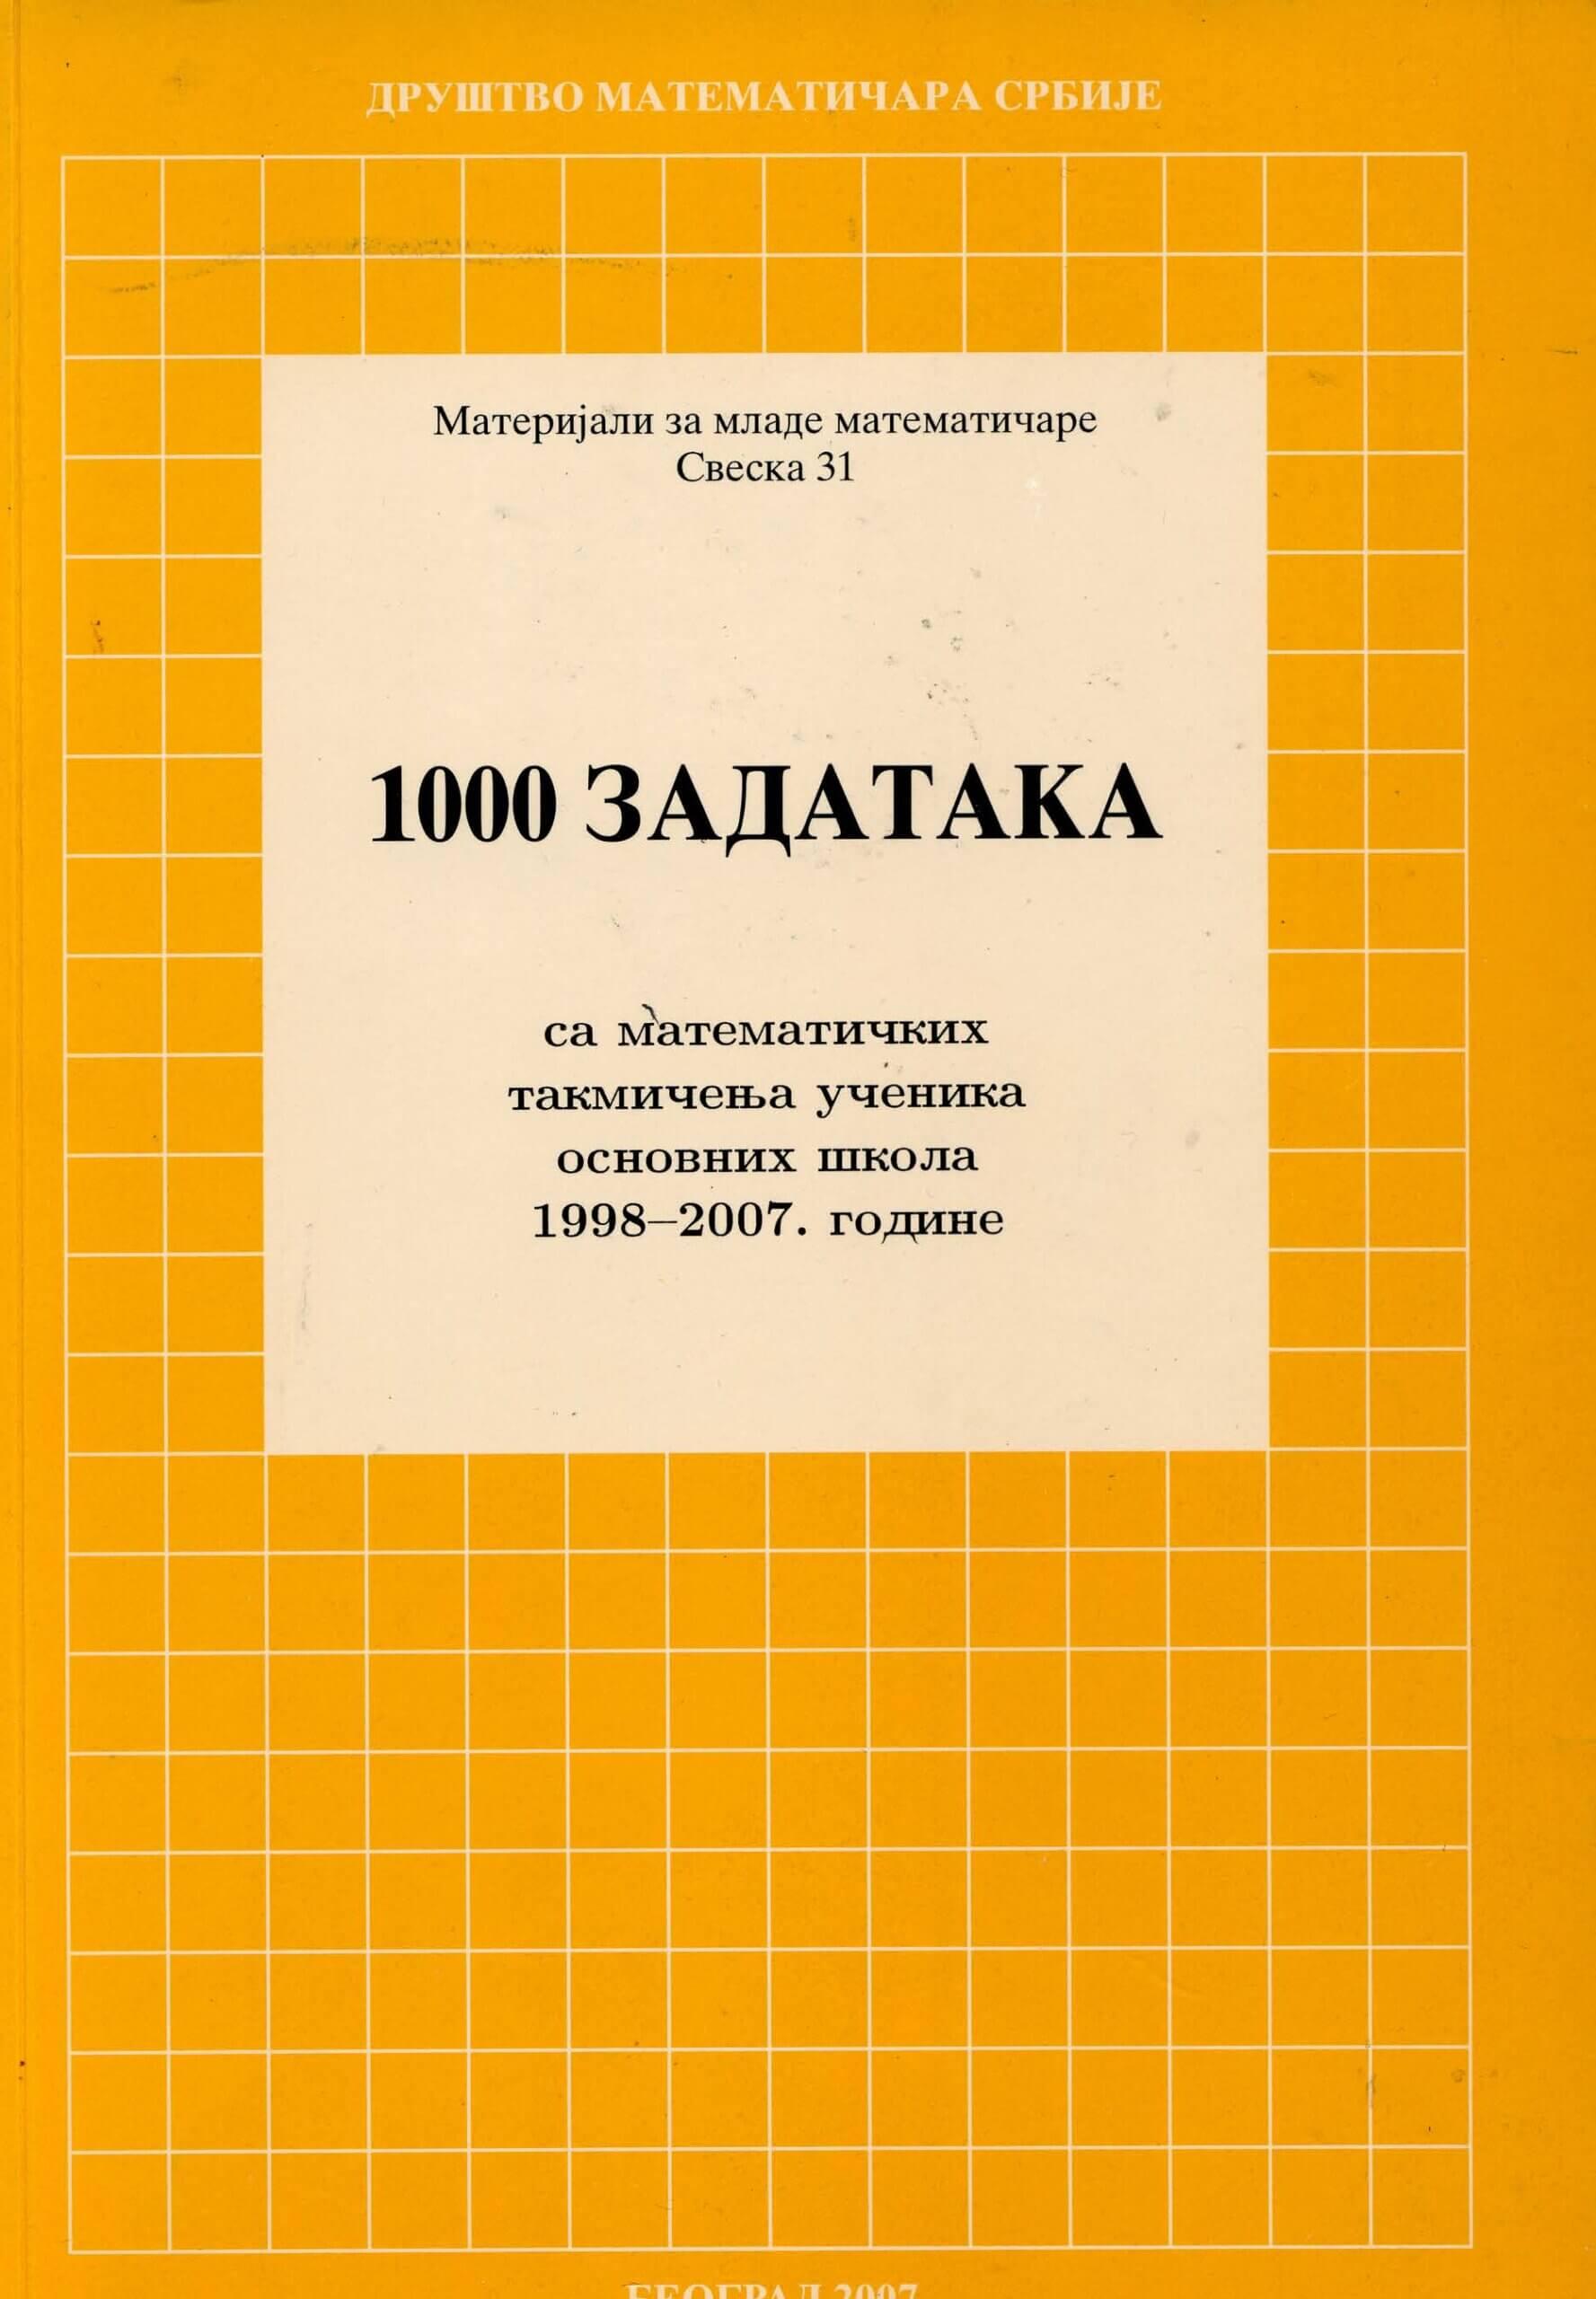 1000 ЗАДАТАКА са математичких такмичења ученика основних школа 1998-2007. године